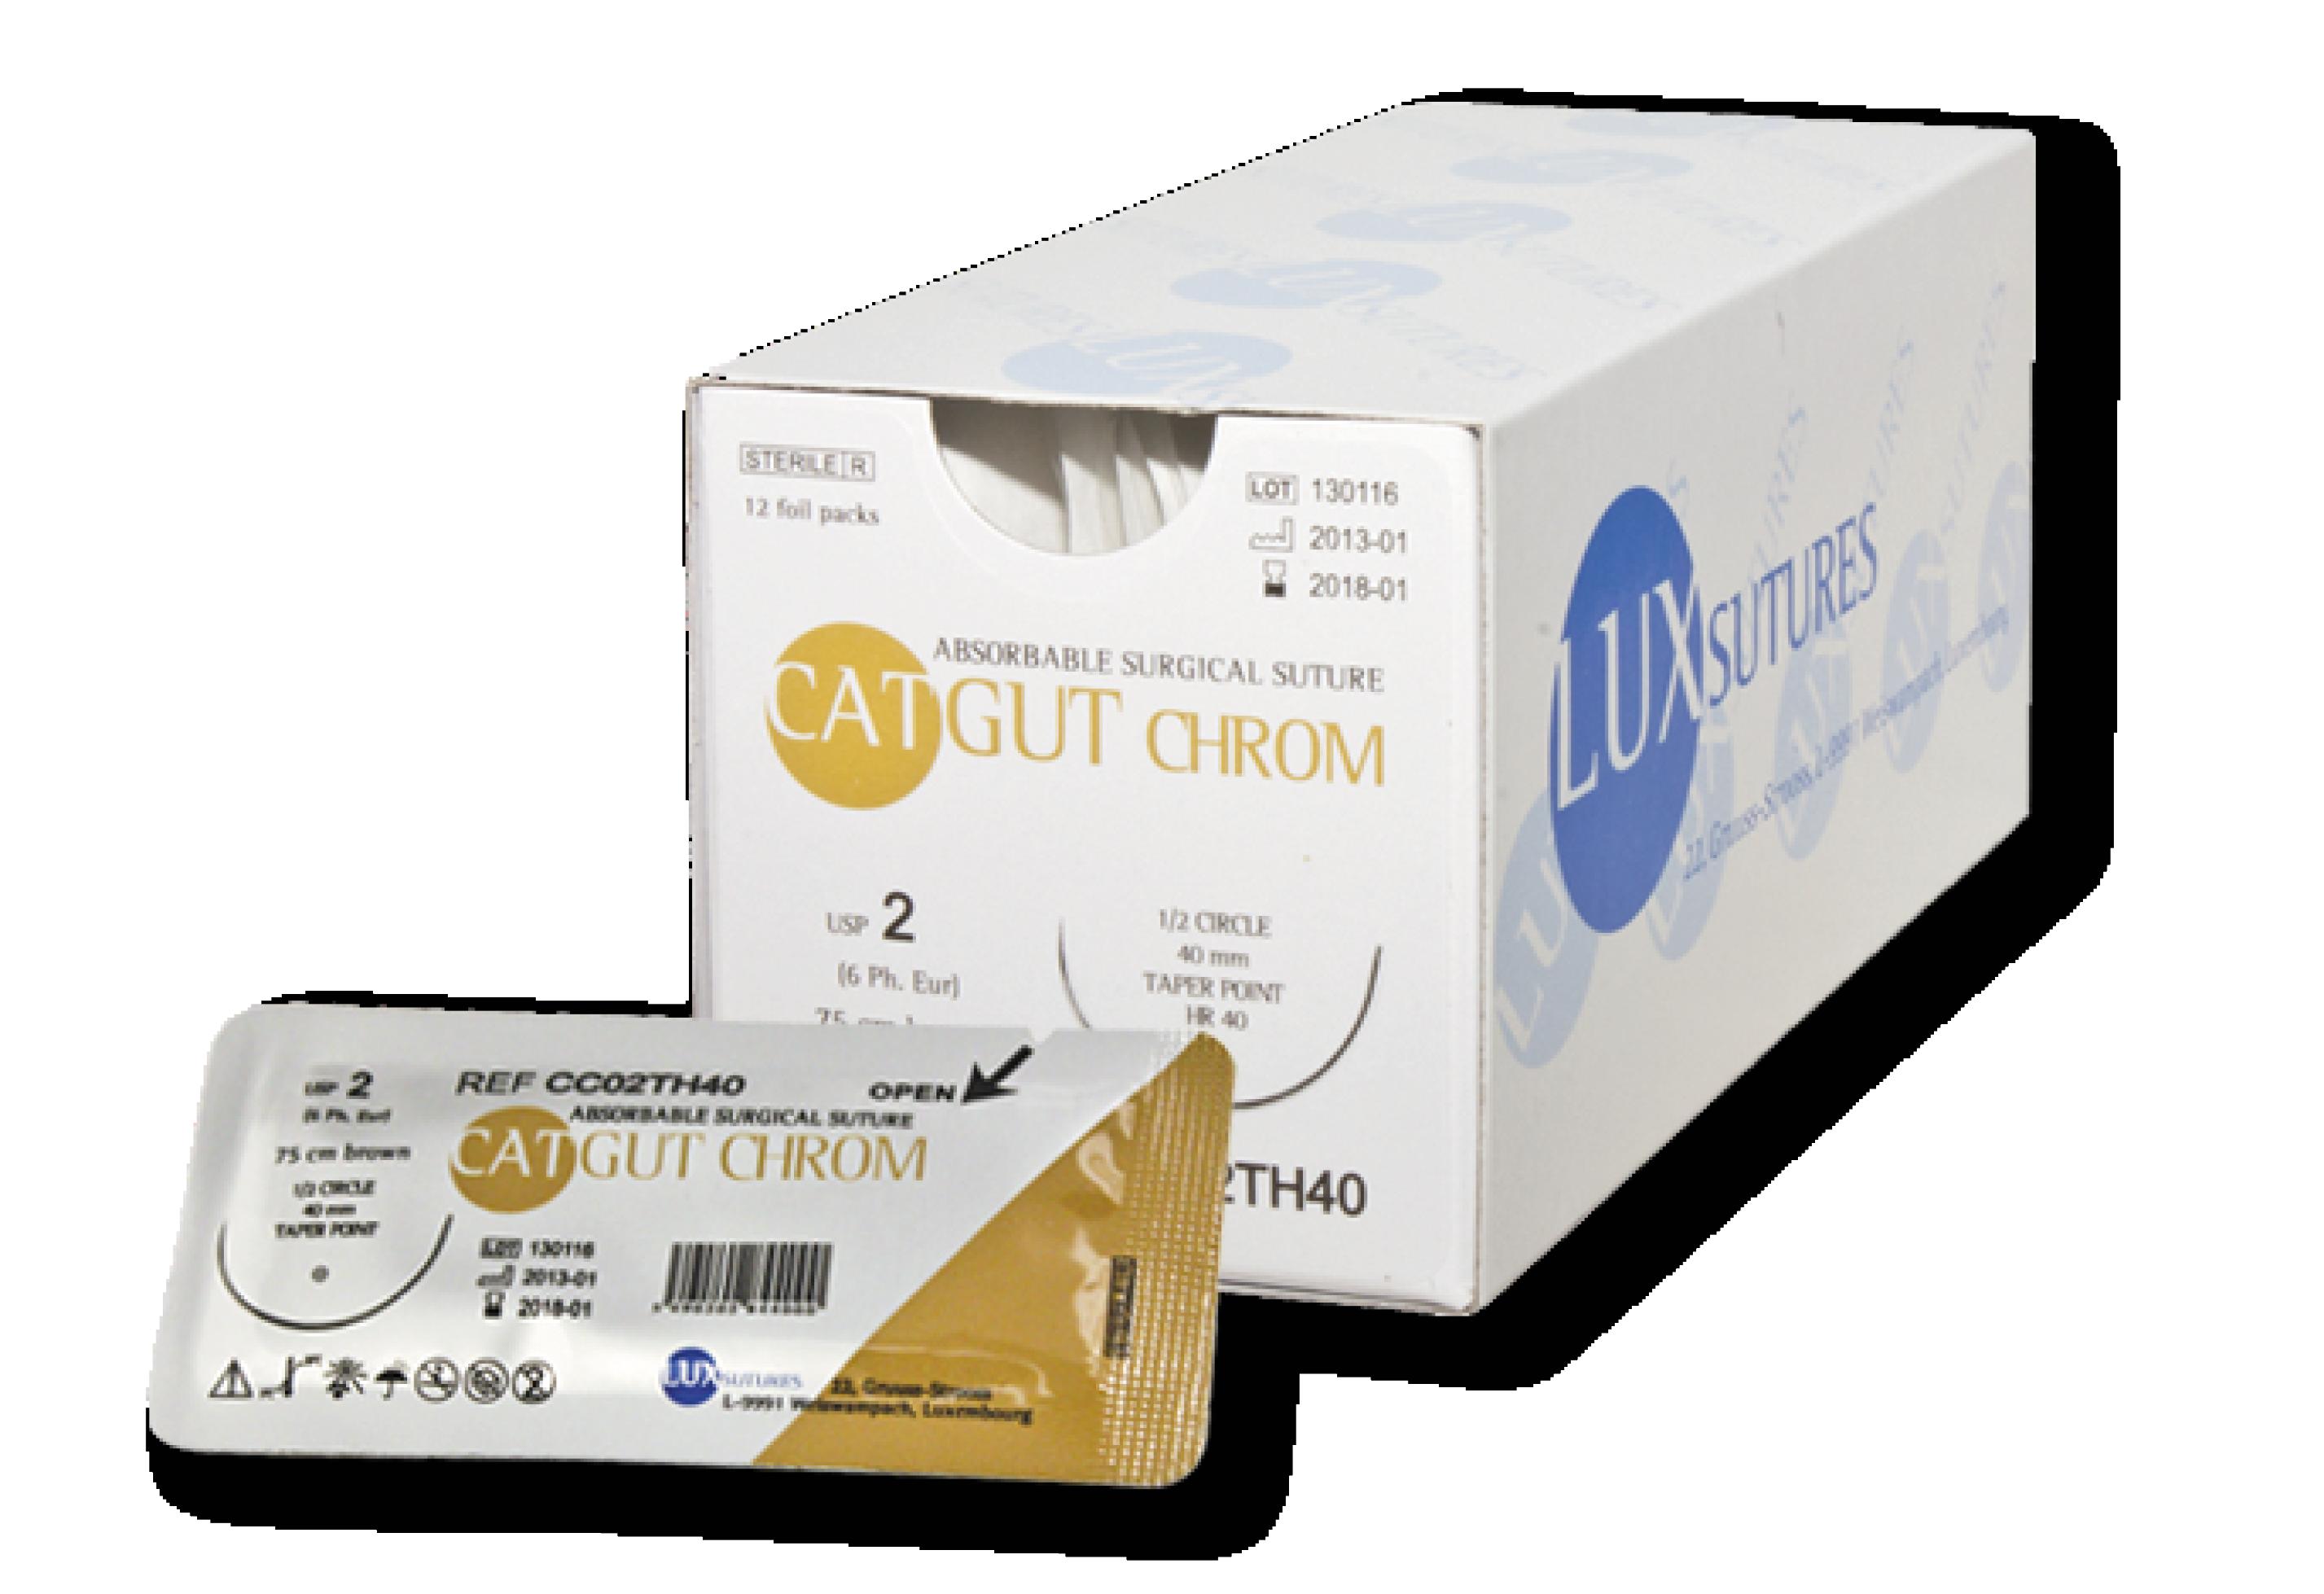 catgut-chrom_packaging